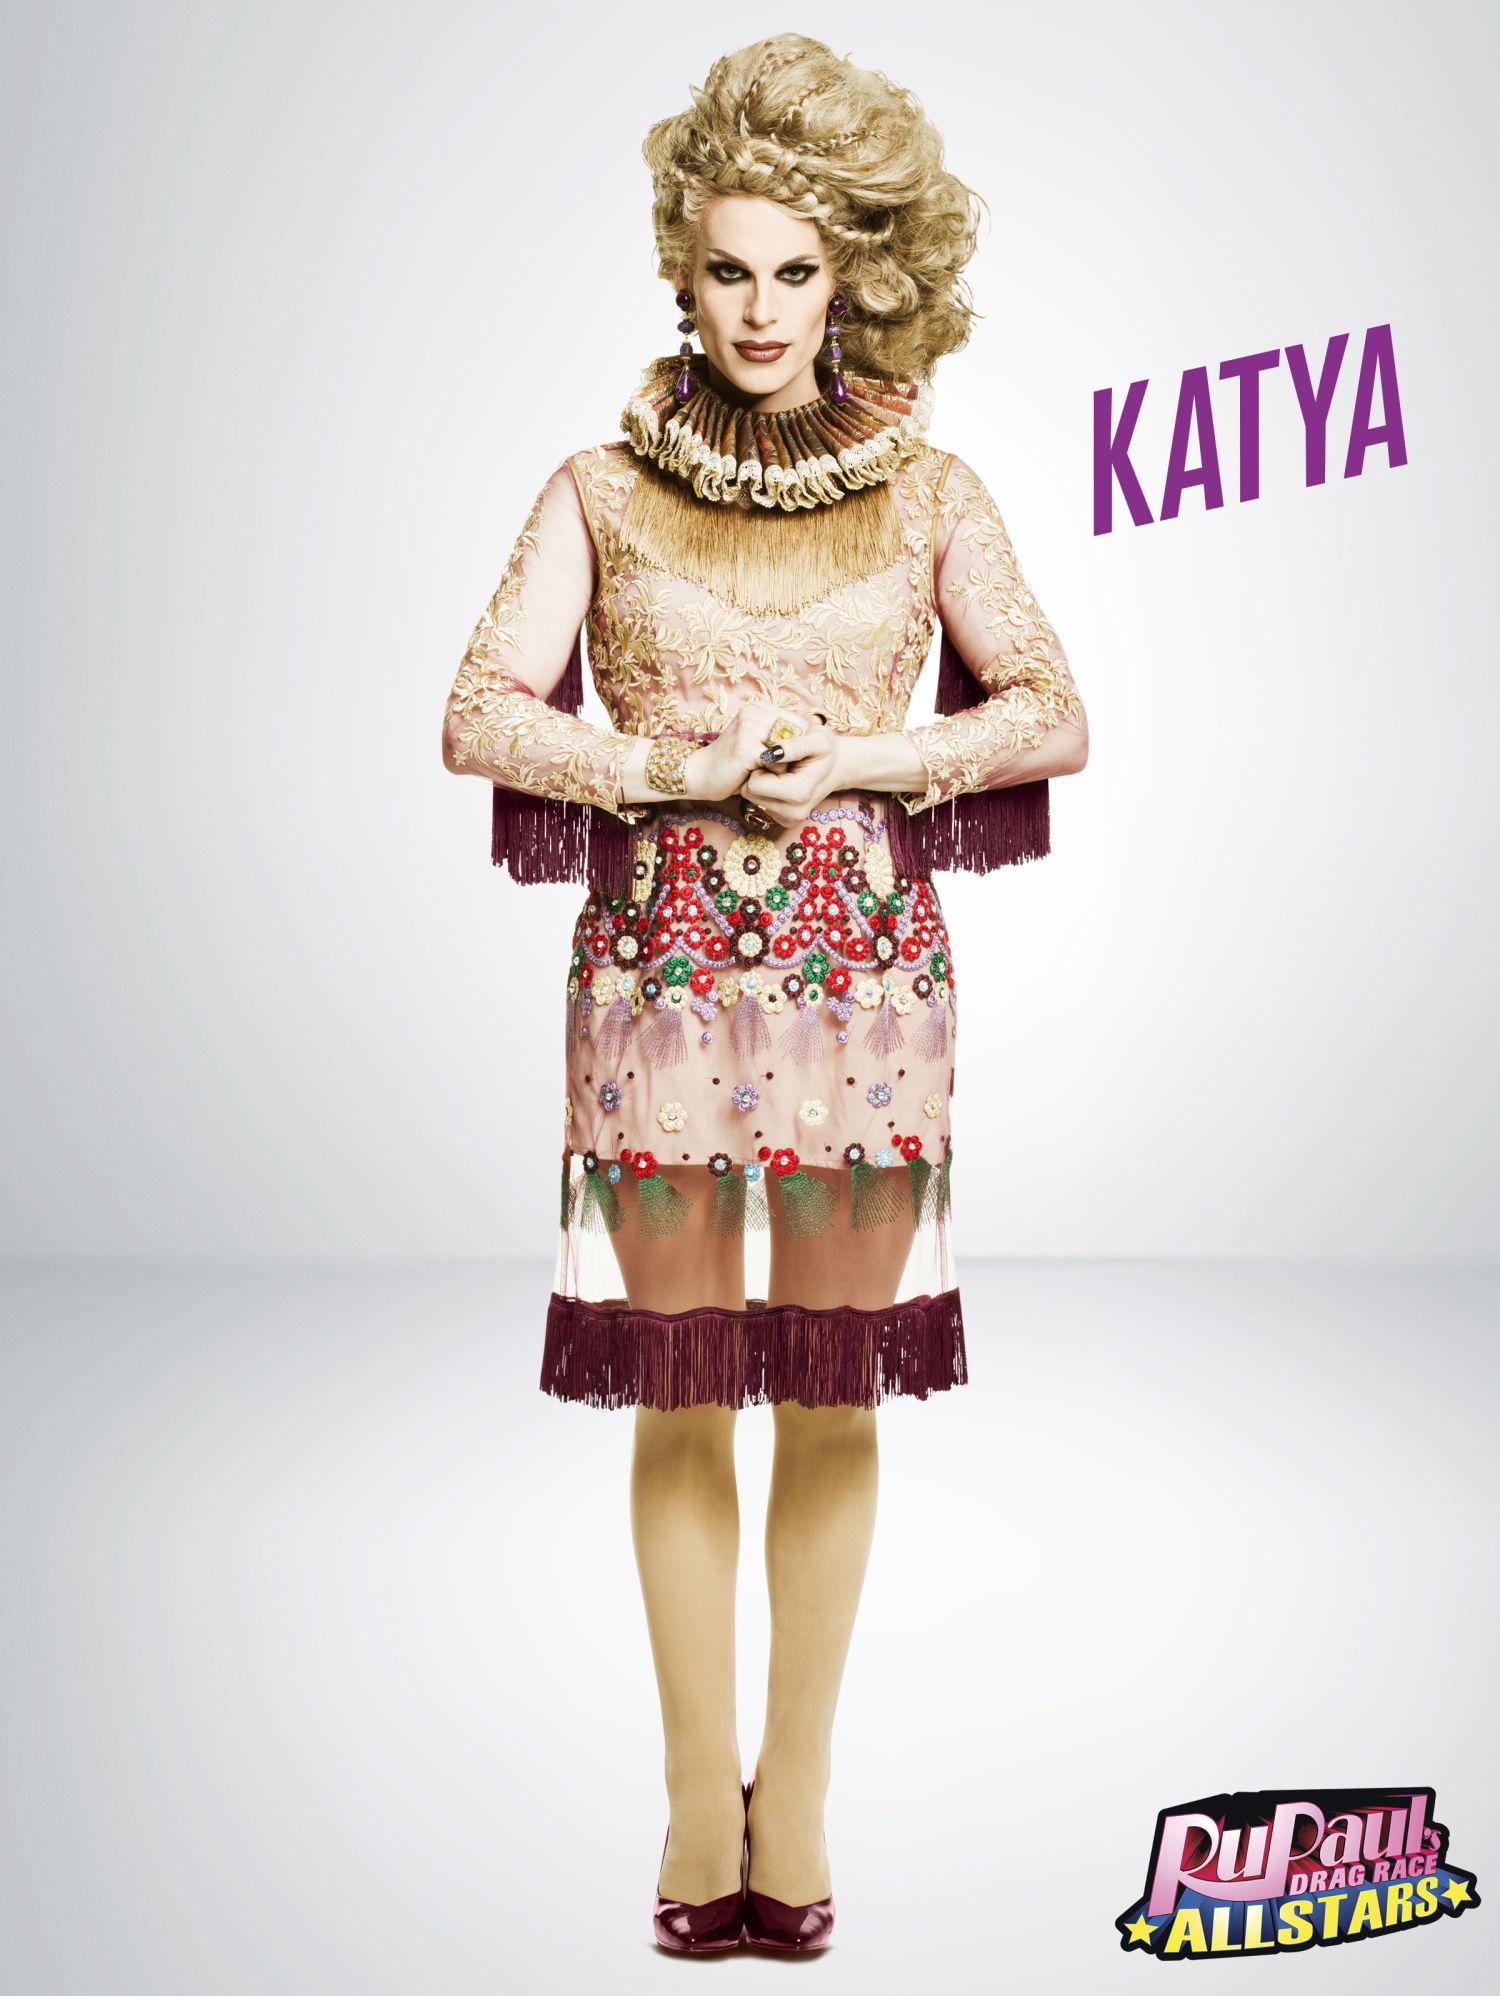 Katya Lel is preparing a grand return 02.09.2009 63